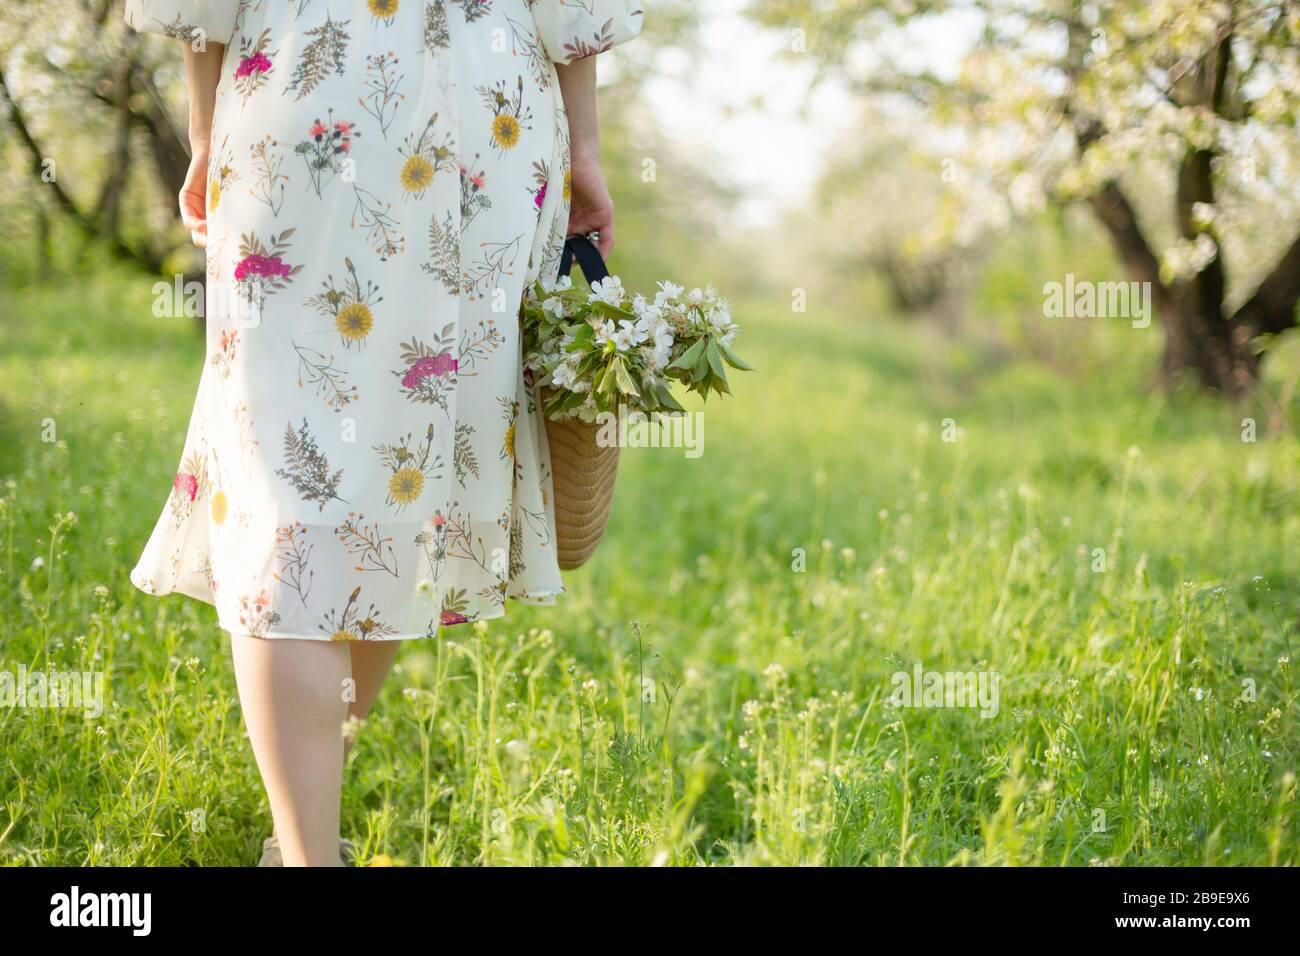 Una niña camina a través de un muelle parque verde, disfrutando de la naturaleza florece. Foto de stock